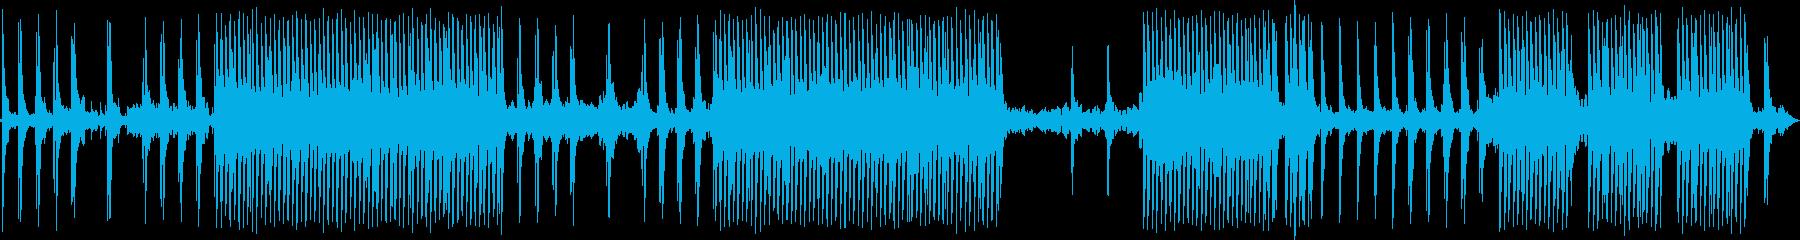 コマーシャル用の音楽の再生済みの波形